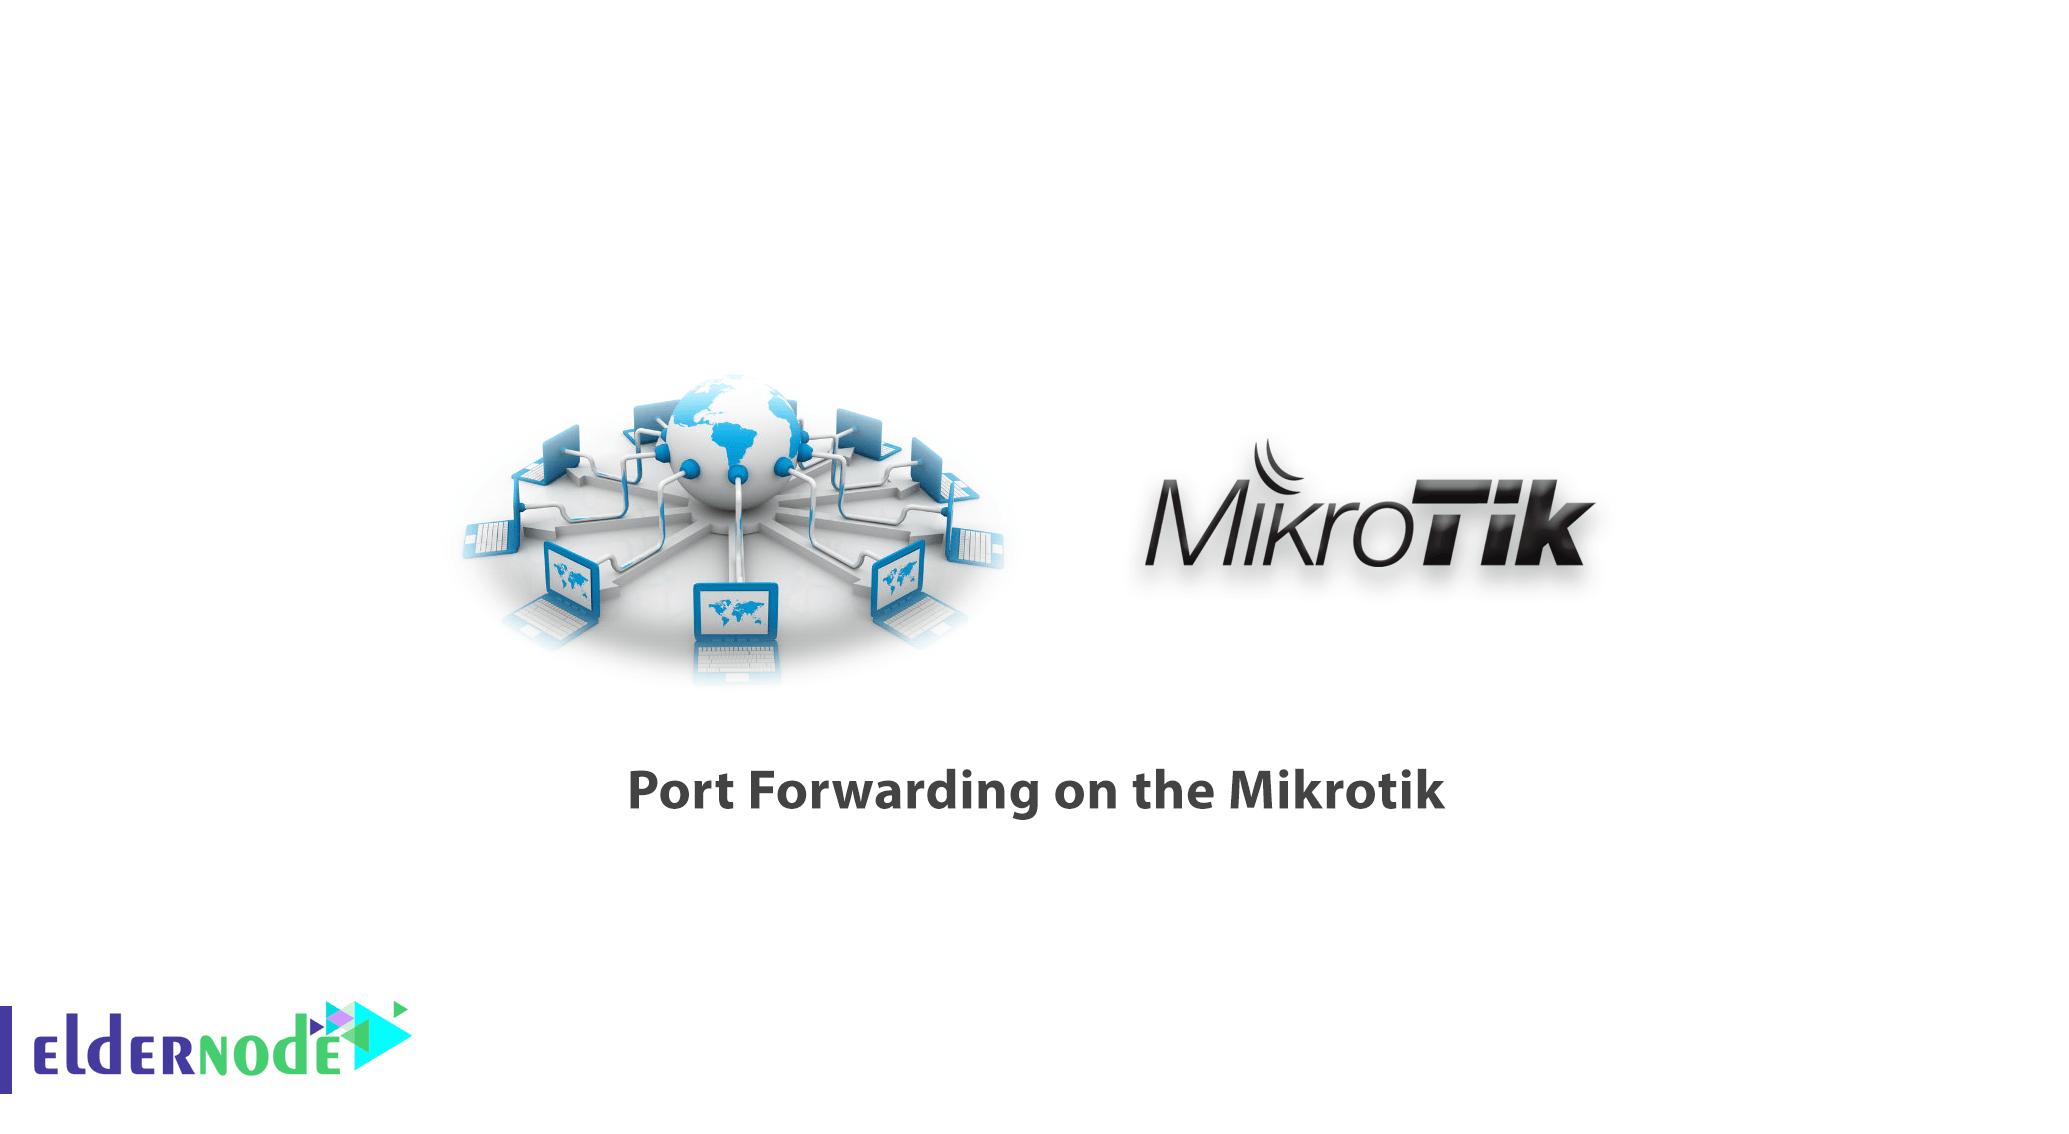 Port Forwarding on the Mikrotik